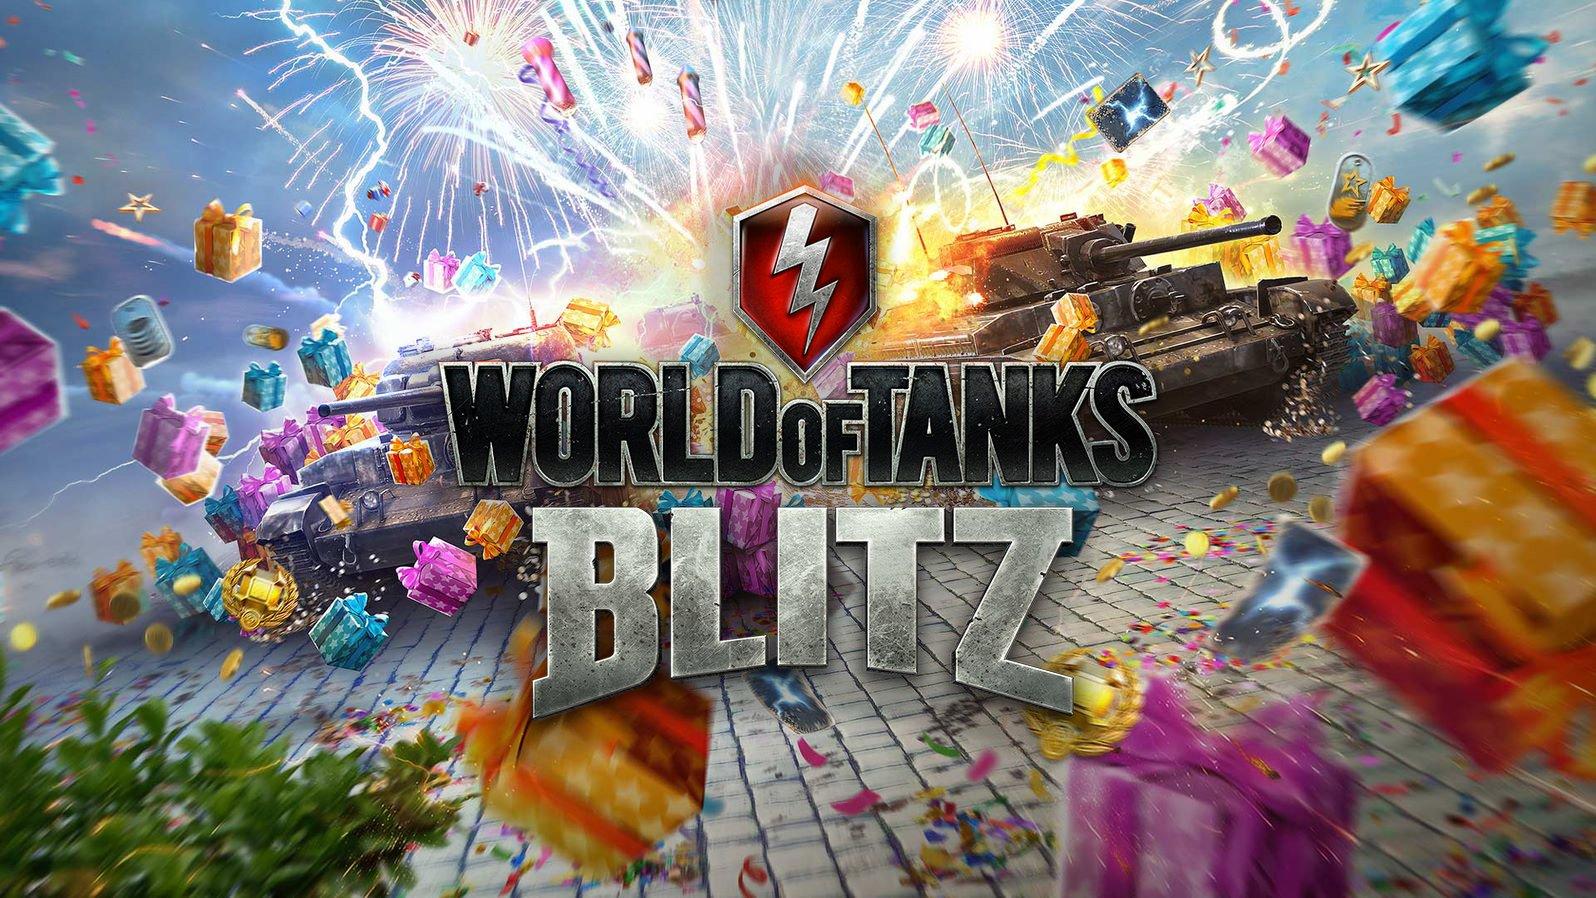 5 urodziny World of Tanks Blitz. Z tej okazji cenne nagrody do zdobycia 16